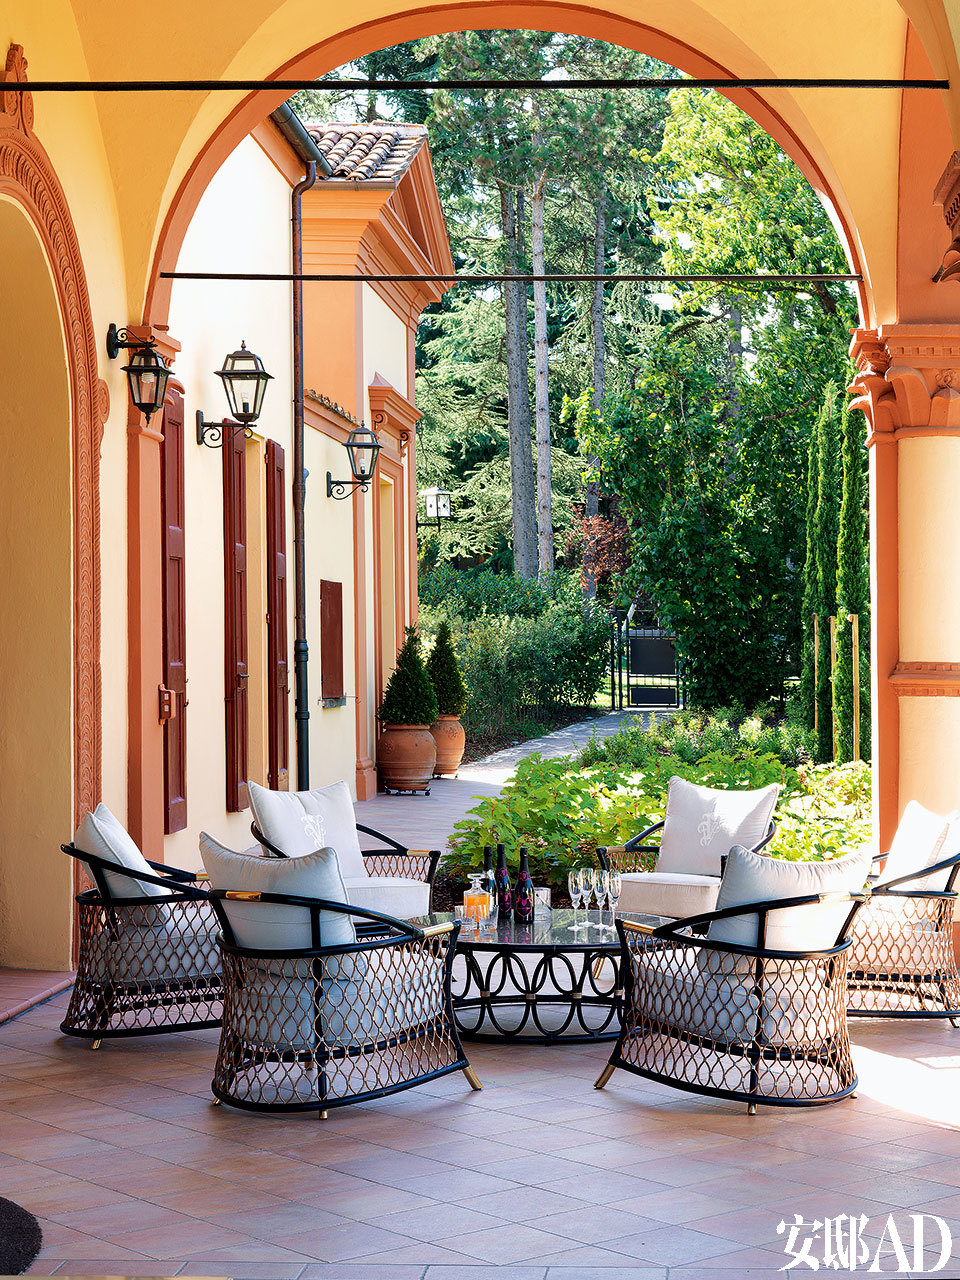 露台上,铁艺的户外家具Farnese系列由Samuele Mazza设计,Visionnaire出品。